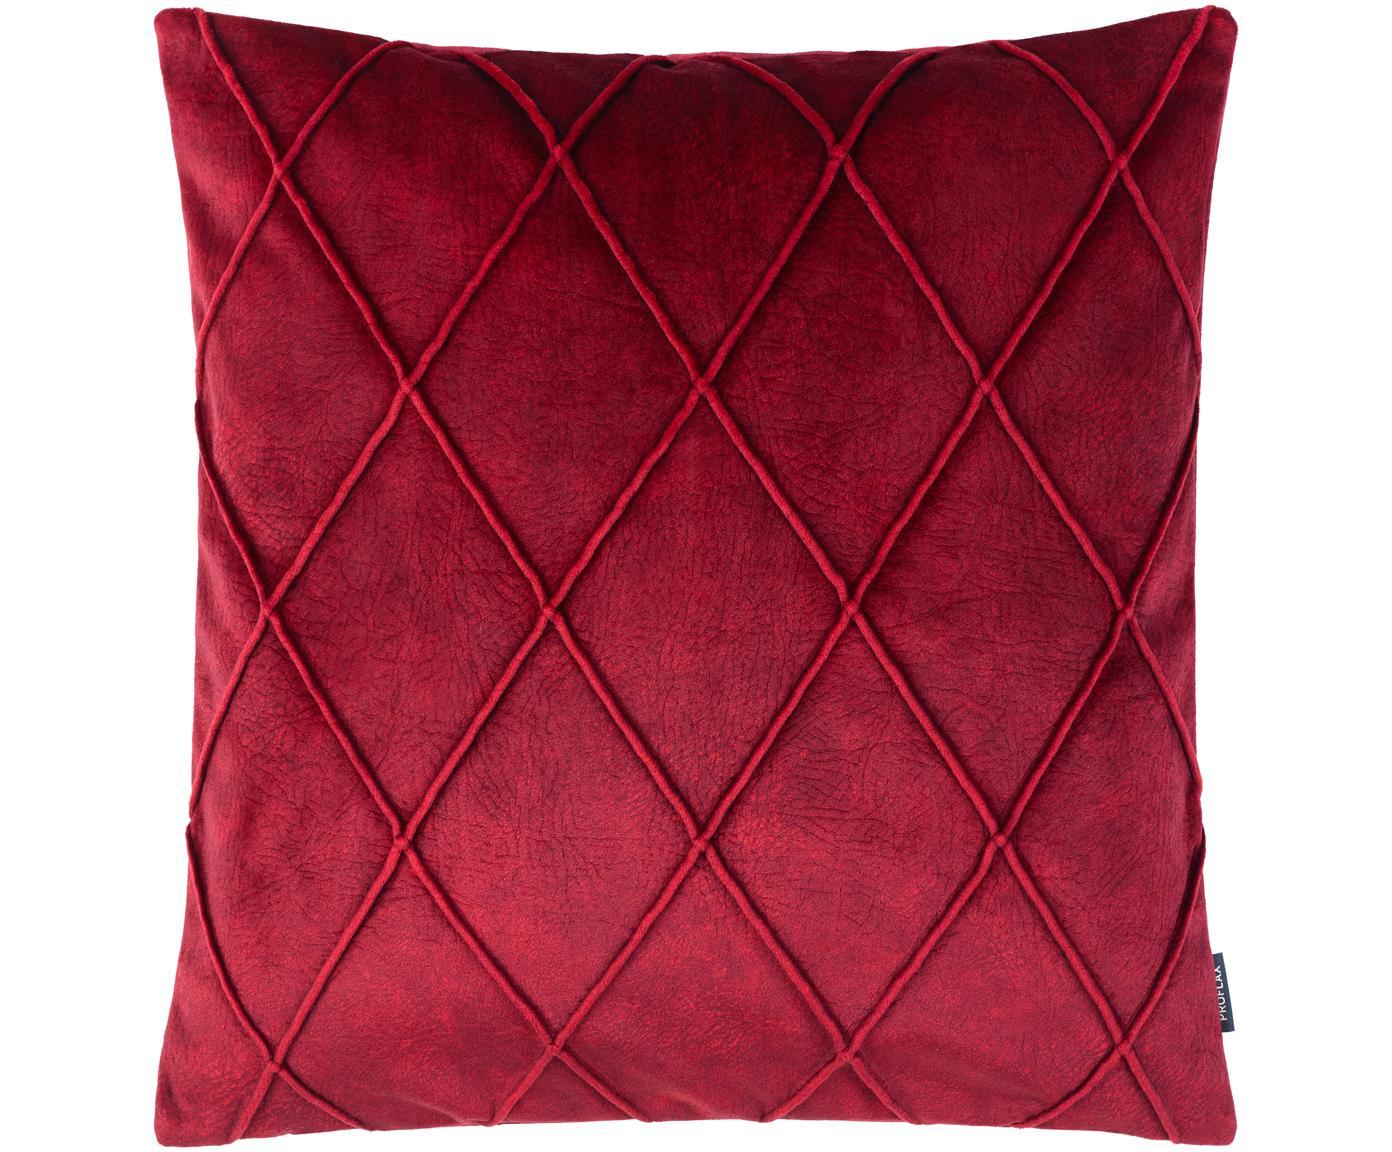 Poszewka na poduszkę Combo, Poliester, Ciemny czerwony, S 40 x D 40 cm